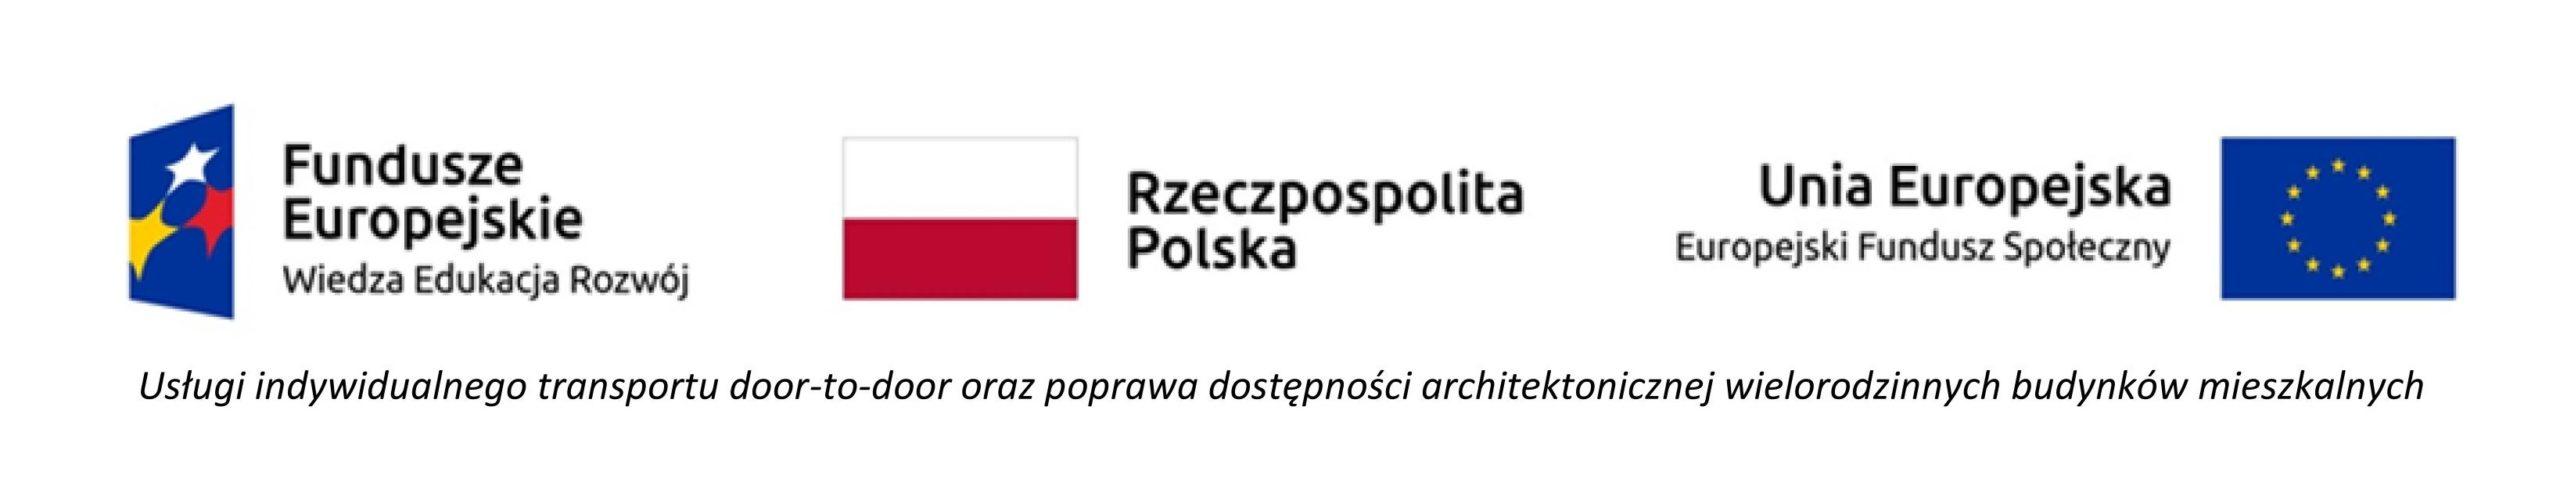 Lgotyp. Po lewej znak Funduszy Europejskich, w Srodku flaga polski, po prawej flaga Unii Europejskiej